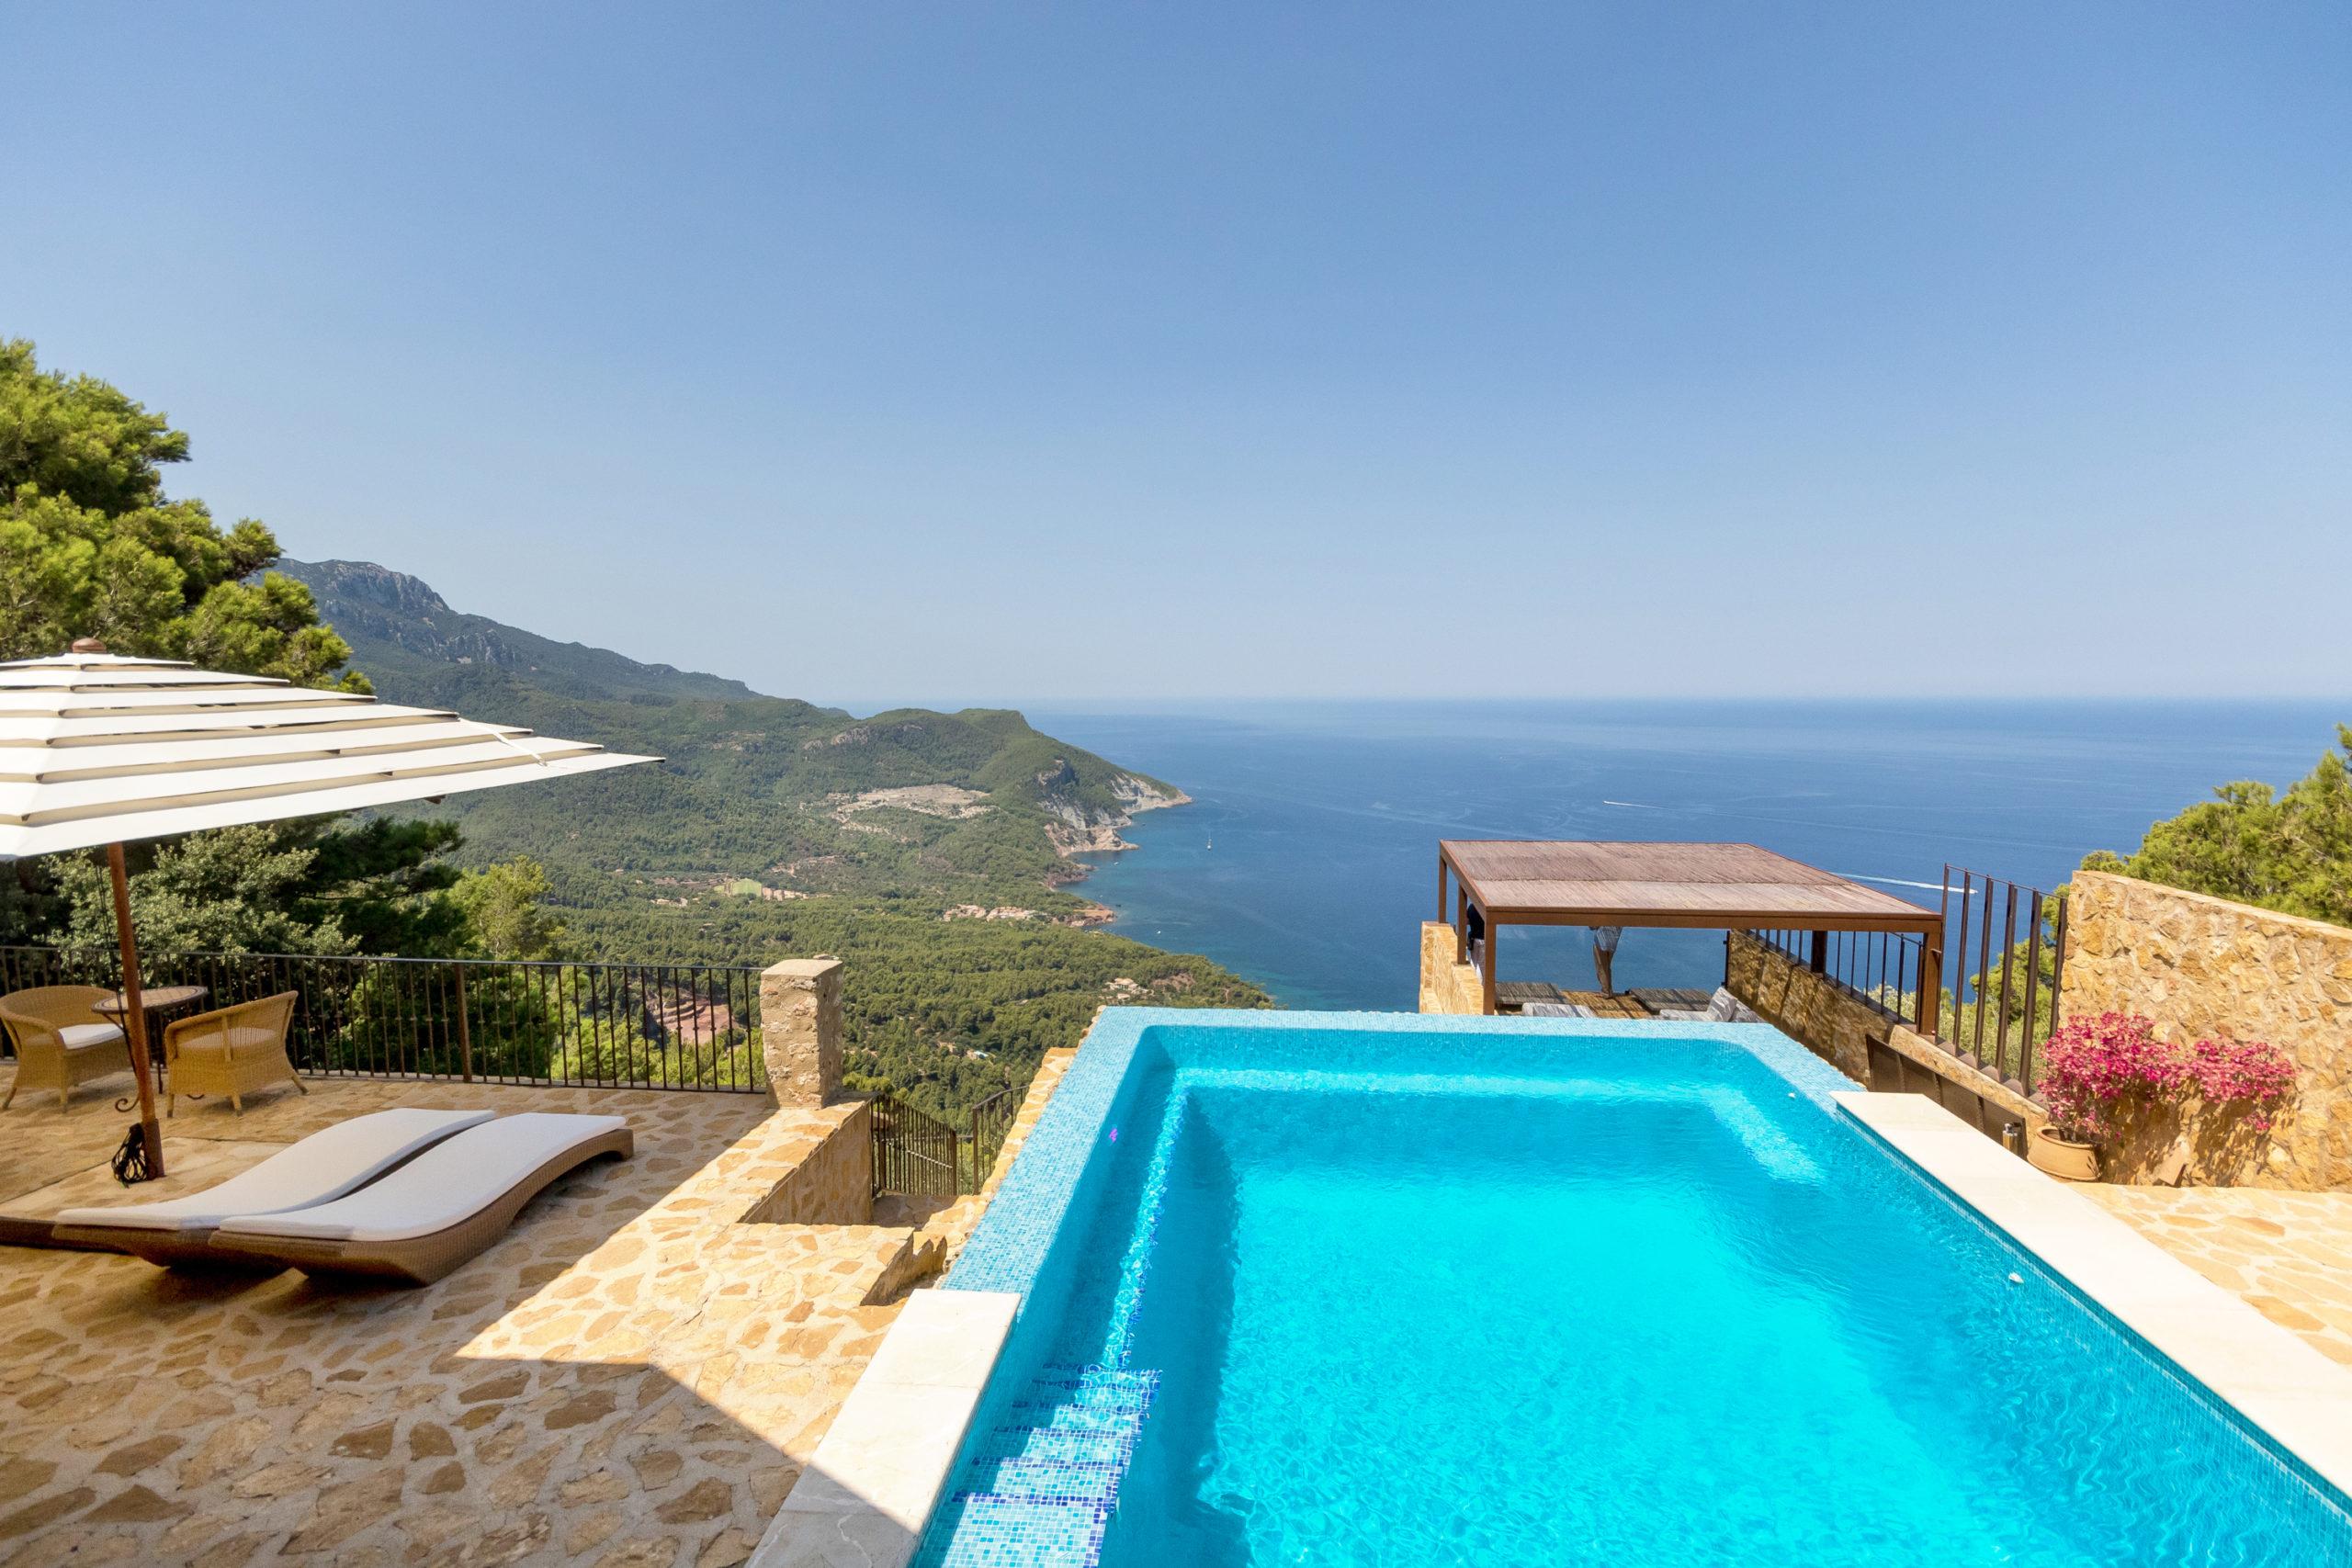 Una vista al mar de primera clase se paga significativamente más alto. Y las propiedades con piscina también son más caras que las propiedades sin piscina.